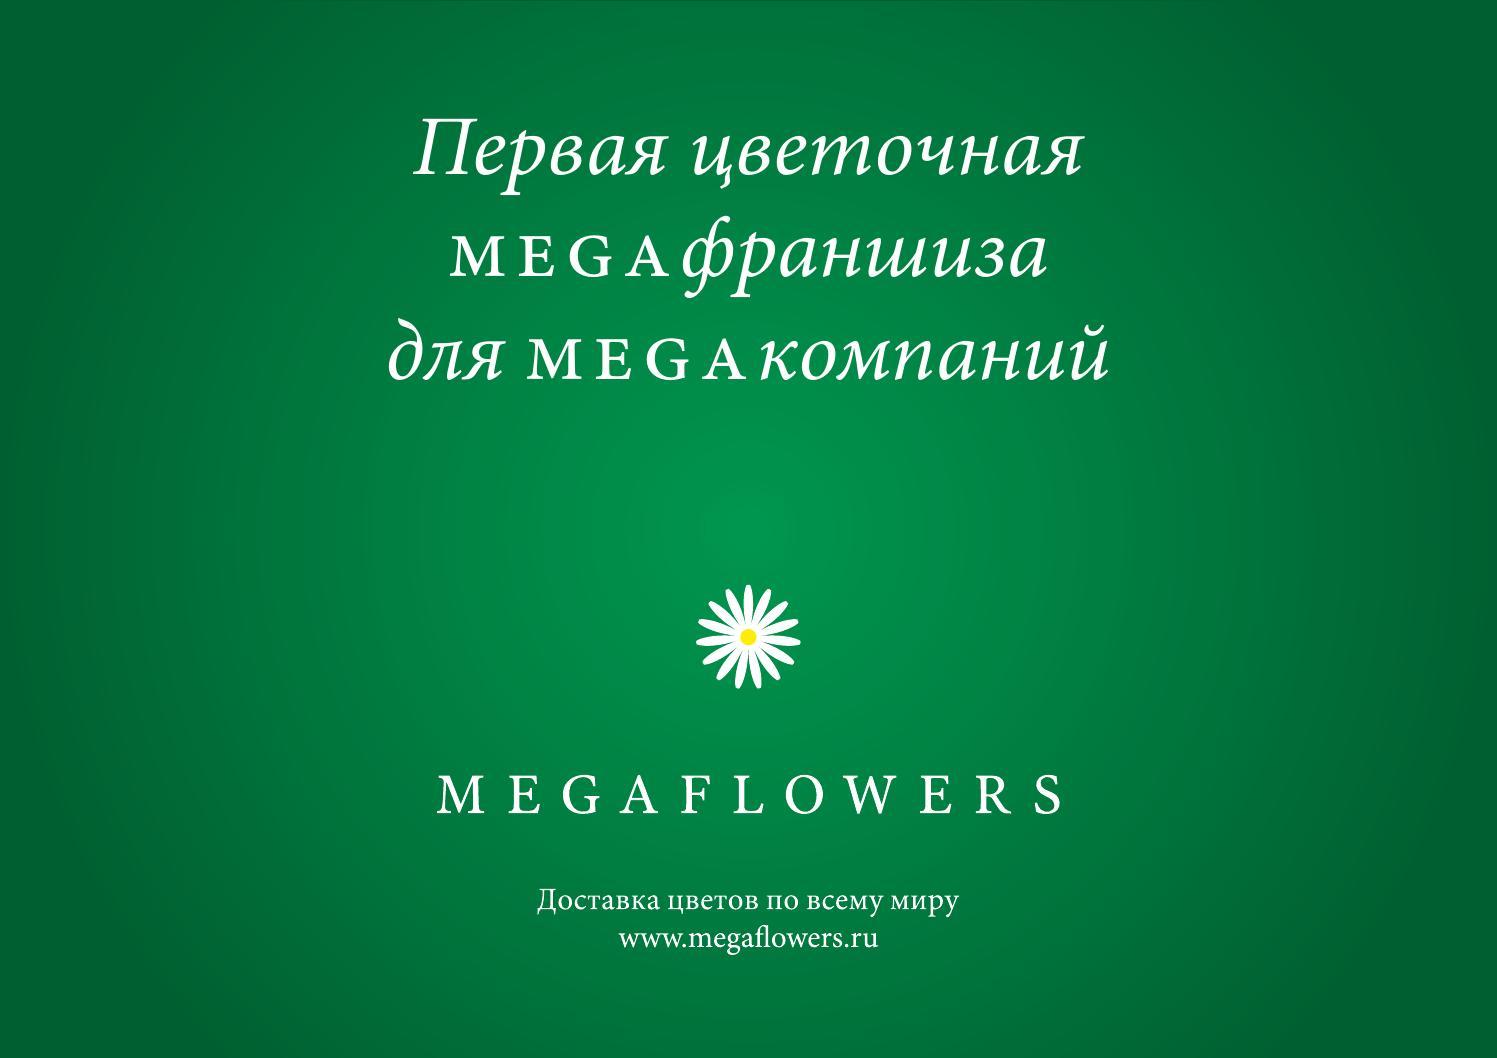 Доставка цветов челябинск megaflowers